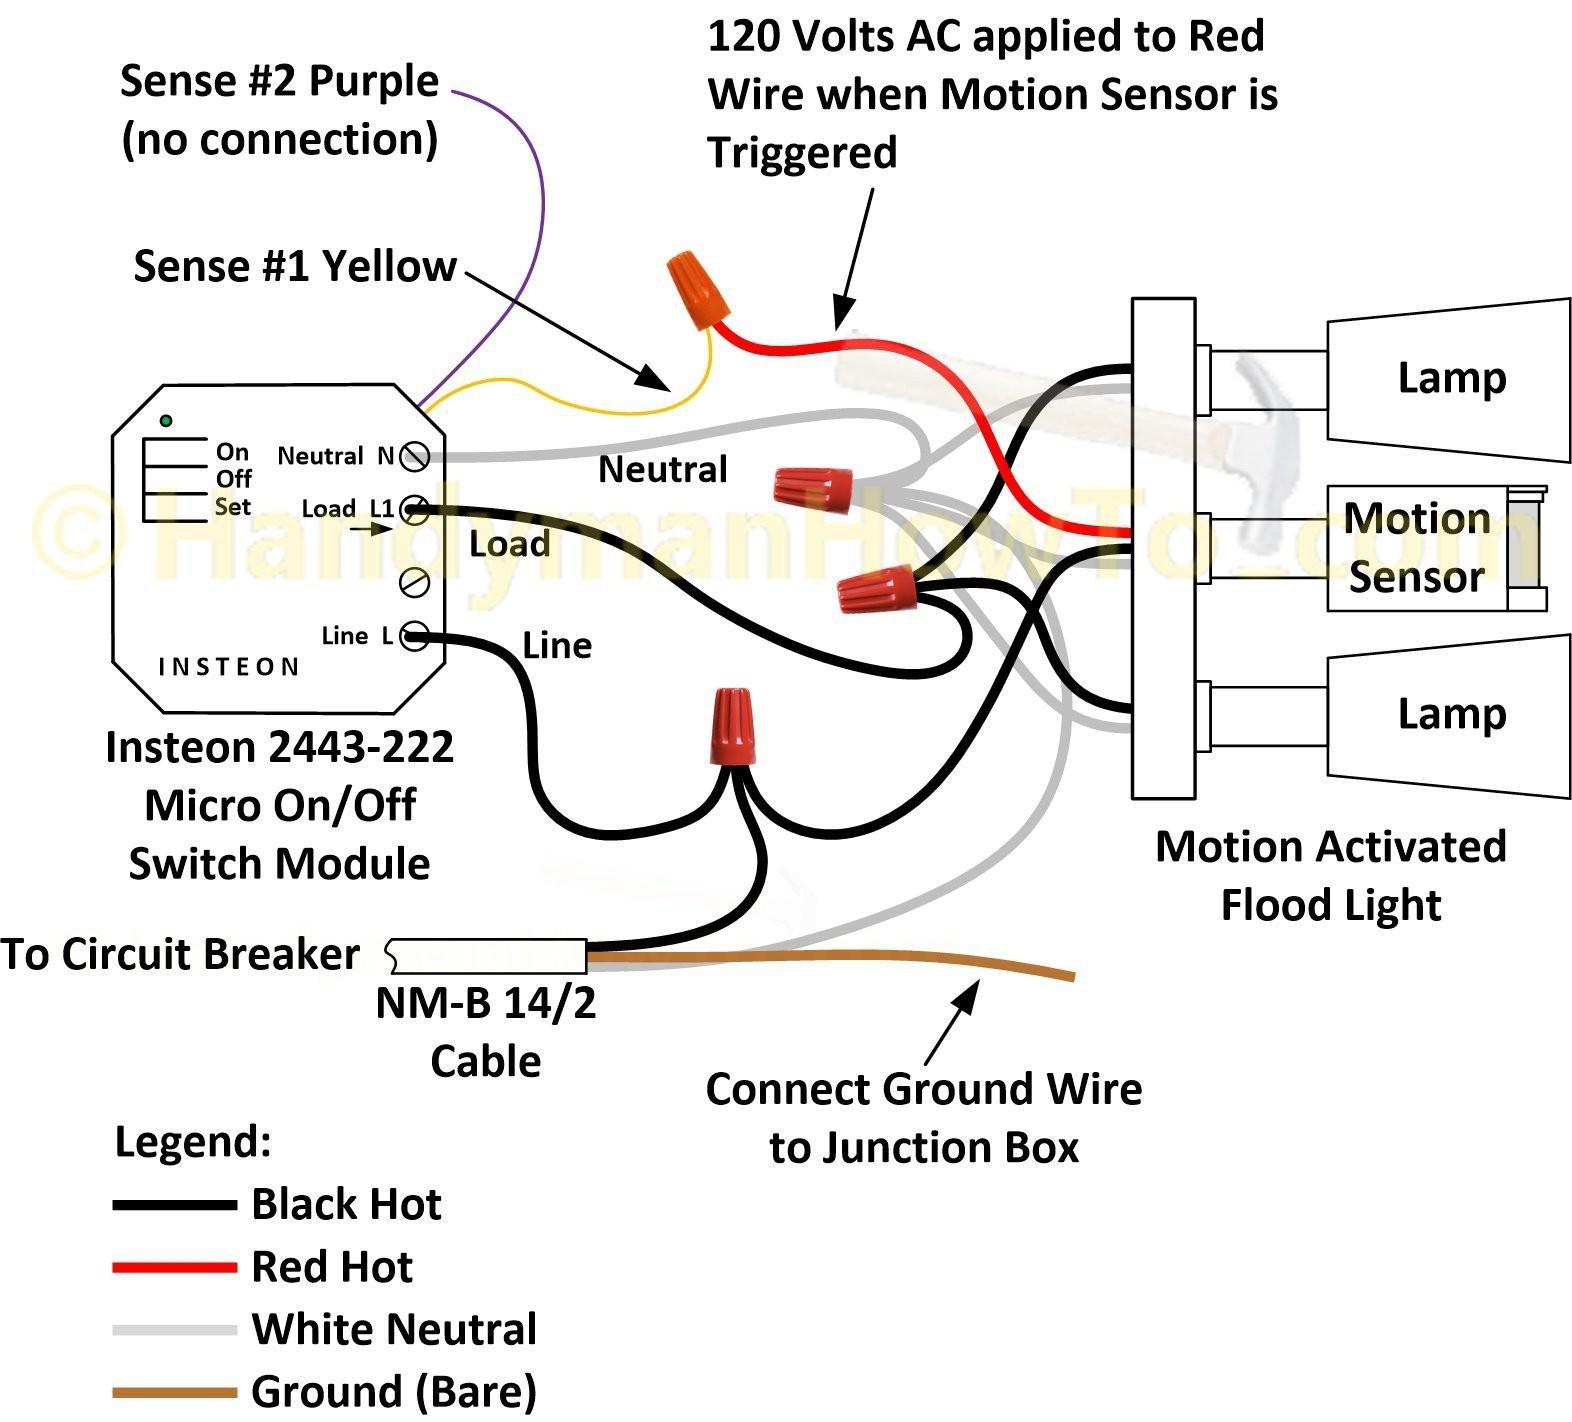 Motion Sensor Wiring Diagram 3 Way | Wiring Diagram - 3 Way Motion Sensor Switch Wiring Diagram